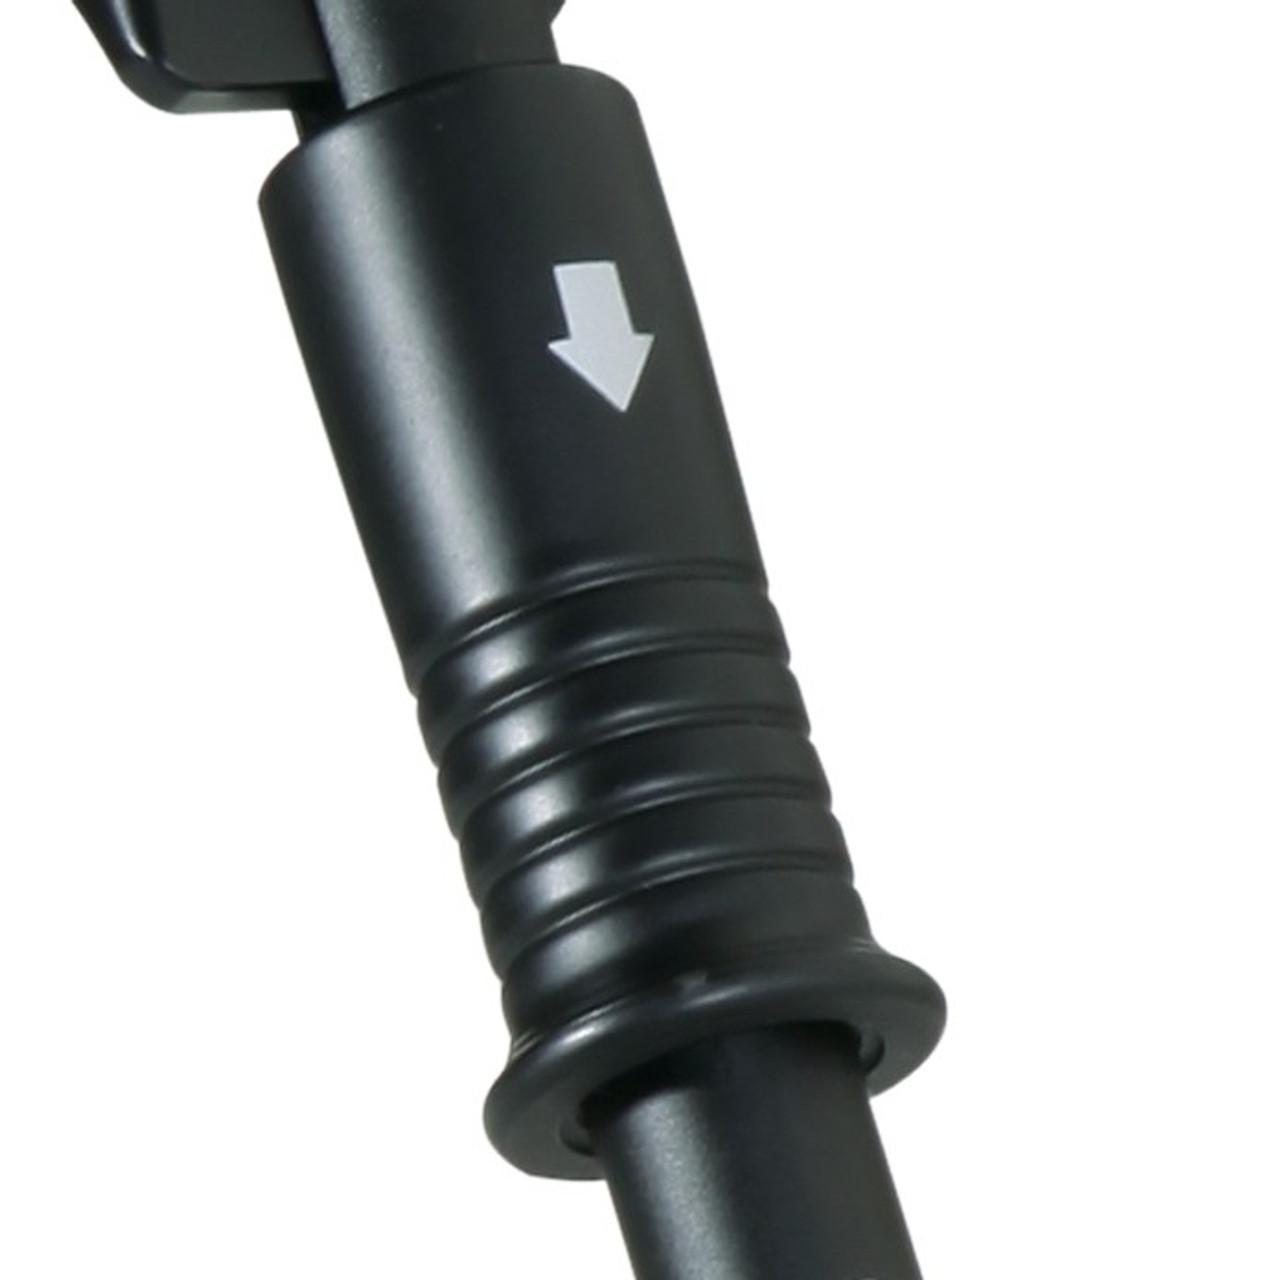 """best price for Vanguard Equalizer 2 Bi-Pod 12"""" - 27"""", on sale at Bradford Stalker"""